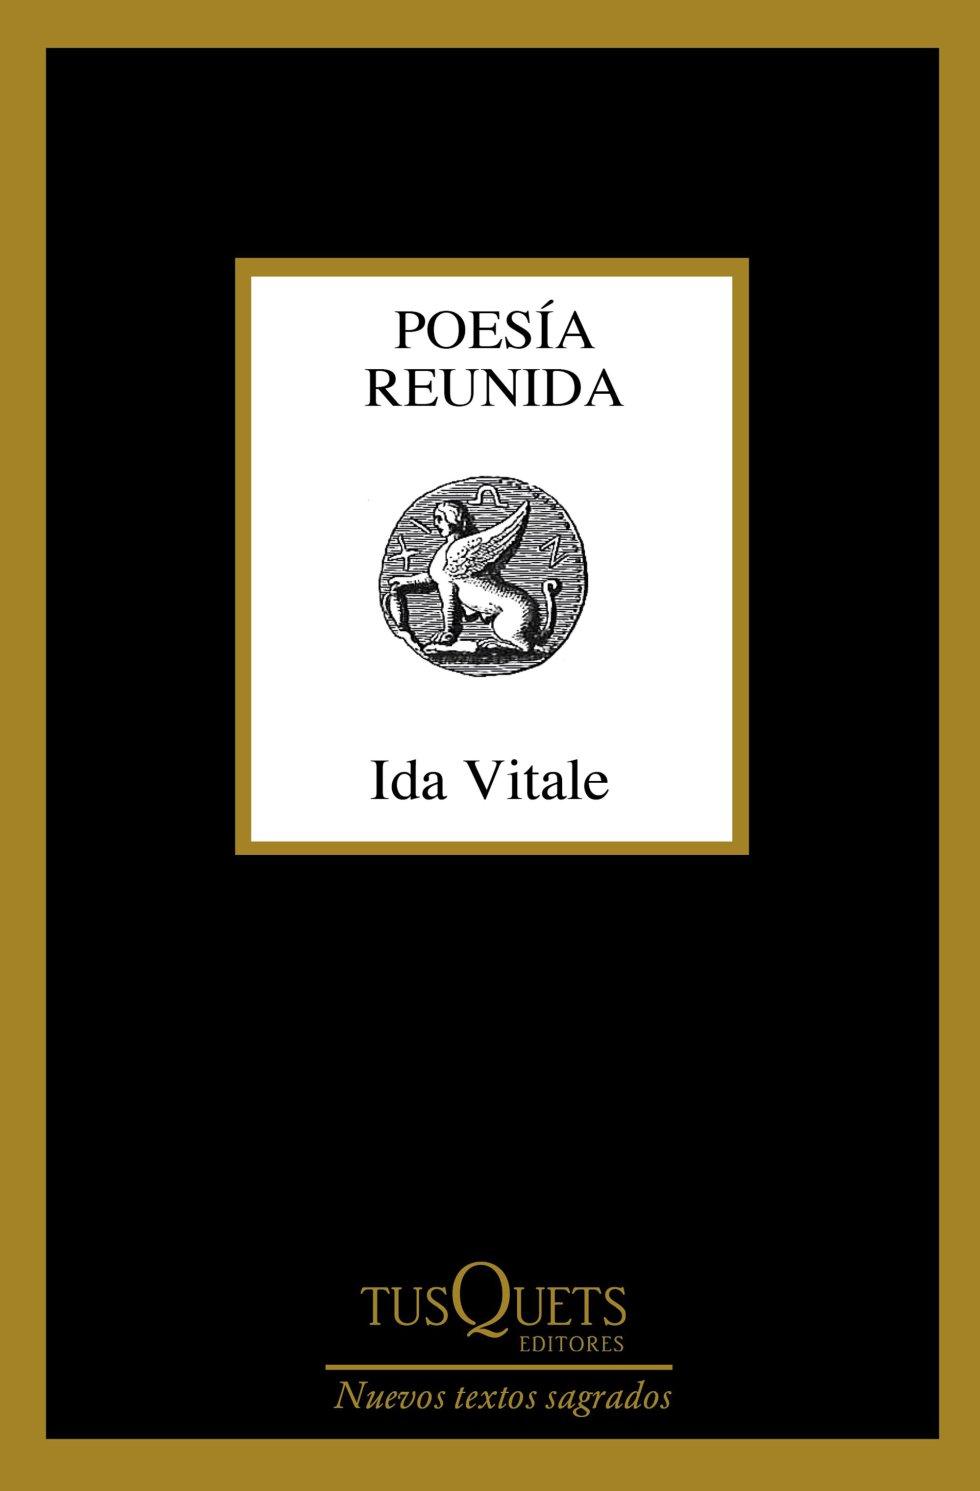 POESÍA REUNIDA (Tusquets). Ida Vitale. Hace 15 años la publicación de 'Reducción del infinito' supuso la presentación en España de una de las grandes voces de la lírica latinoamericana. Aquella antología se parecía a esta recopilación en que seguía un orden cronológico inverso. La diferencia reside en que esta tiene el doble de páginas y que la poeta uruguaya, dueña de una voz esencial al límite del hermetismo, es ya un nombre conocido en un país que le otorgó en 2015 el Premio Reina Sofía de Poesía Iberoamericana.